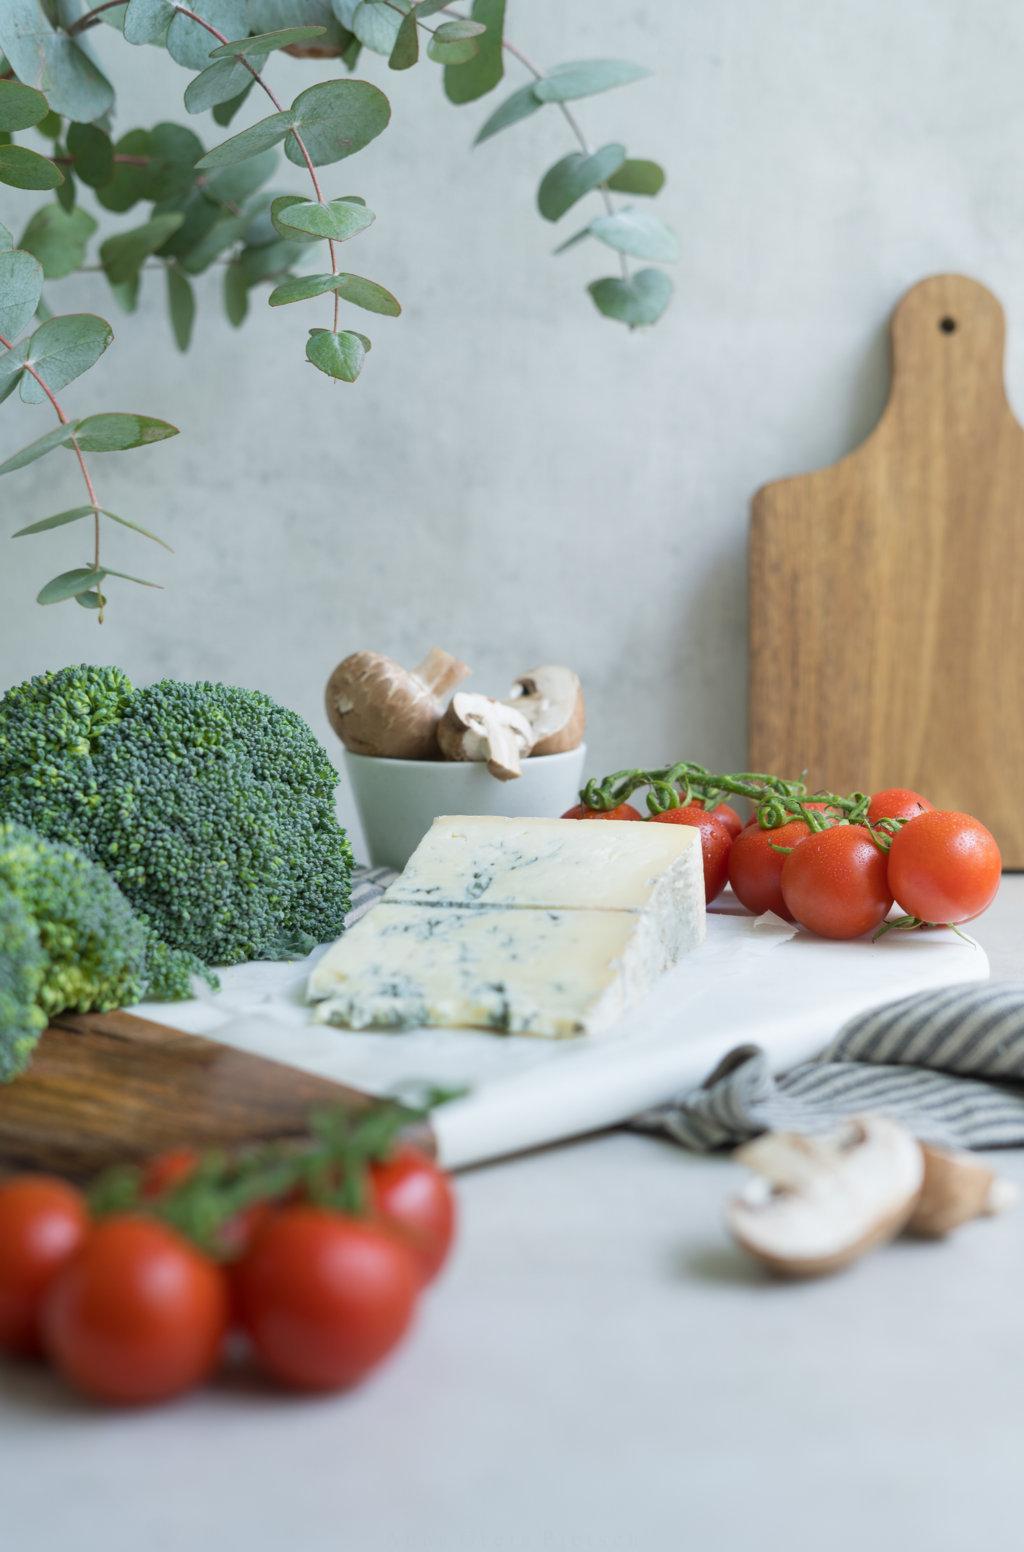 Lebensmittel mit natürlichem Glutamat